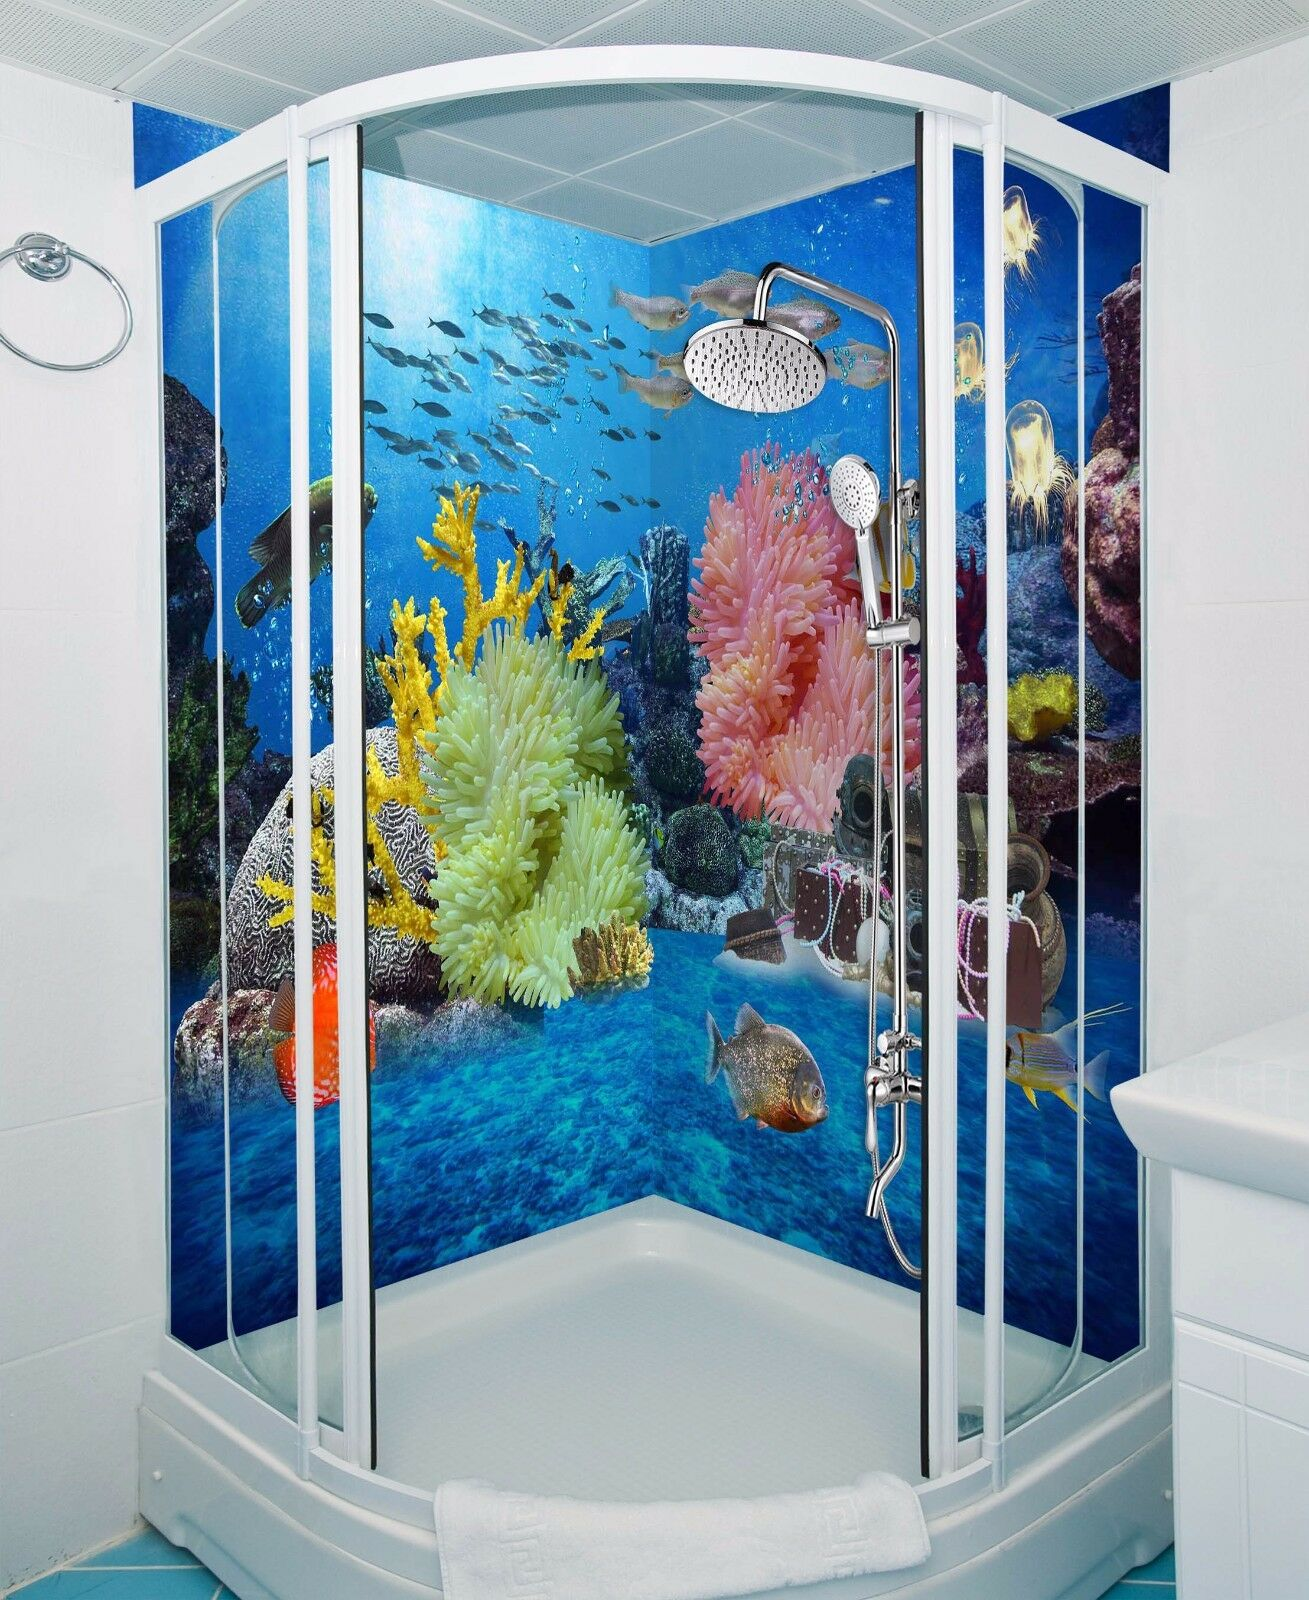 3D Seaweed fish 603 WallPaper Bathroom Print Decal Wall Deco AJ WALLPAPER UK